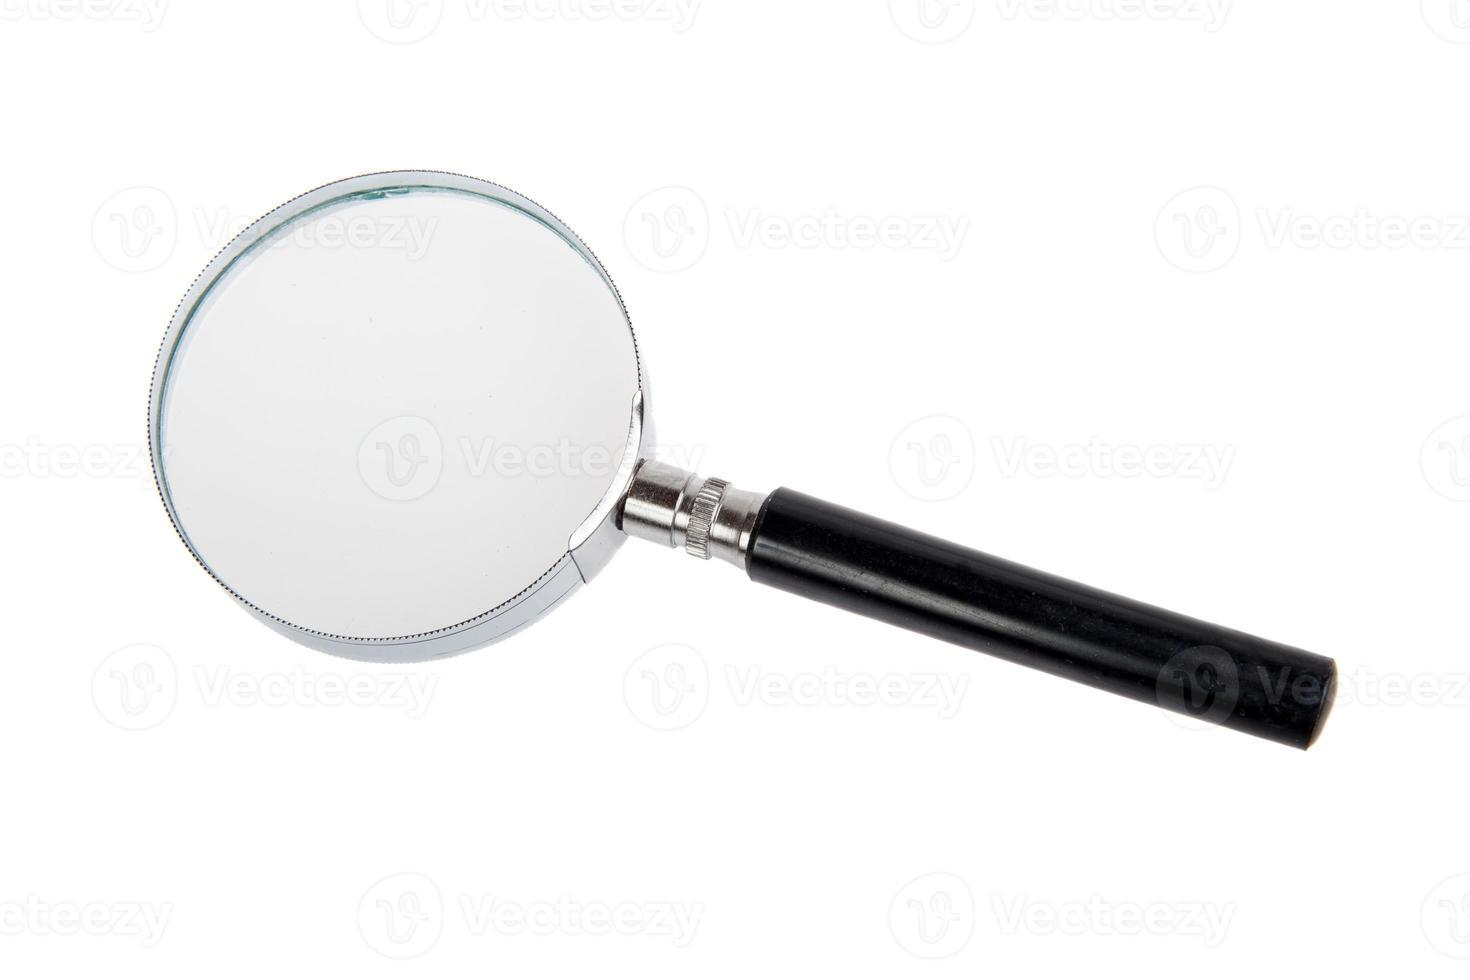 förstoringsglas isolerad på en vit foto